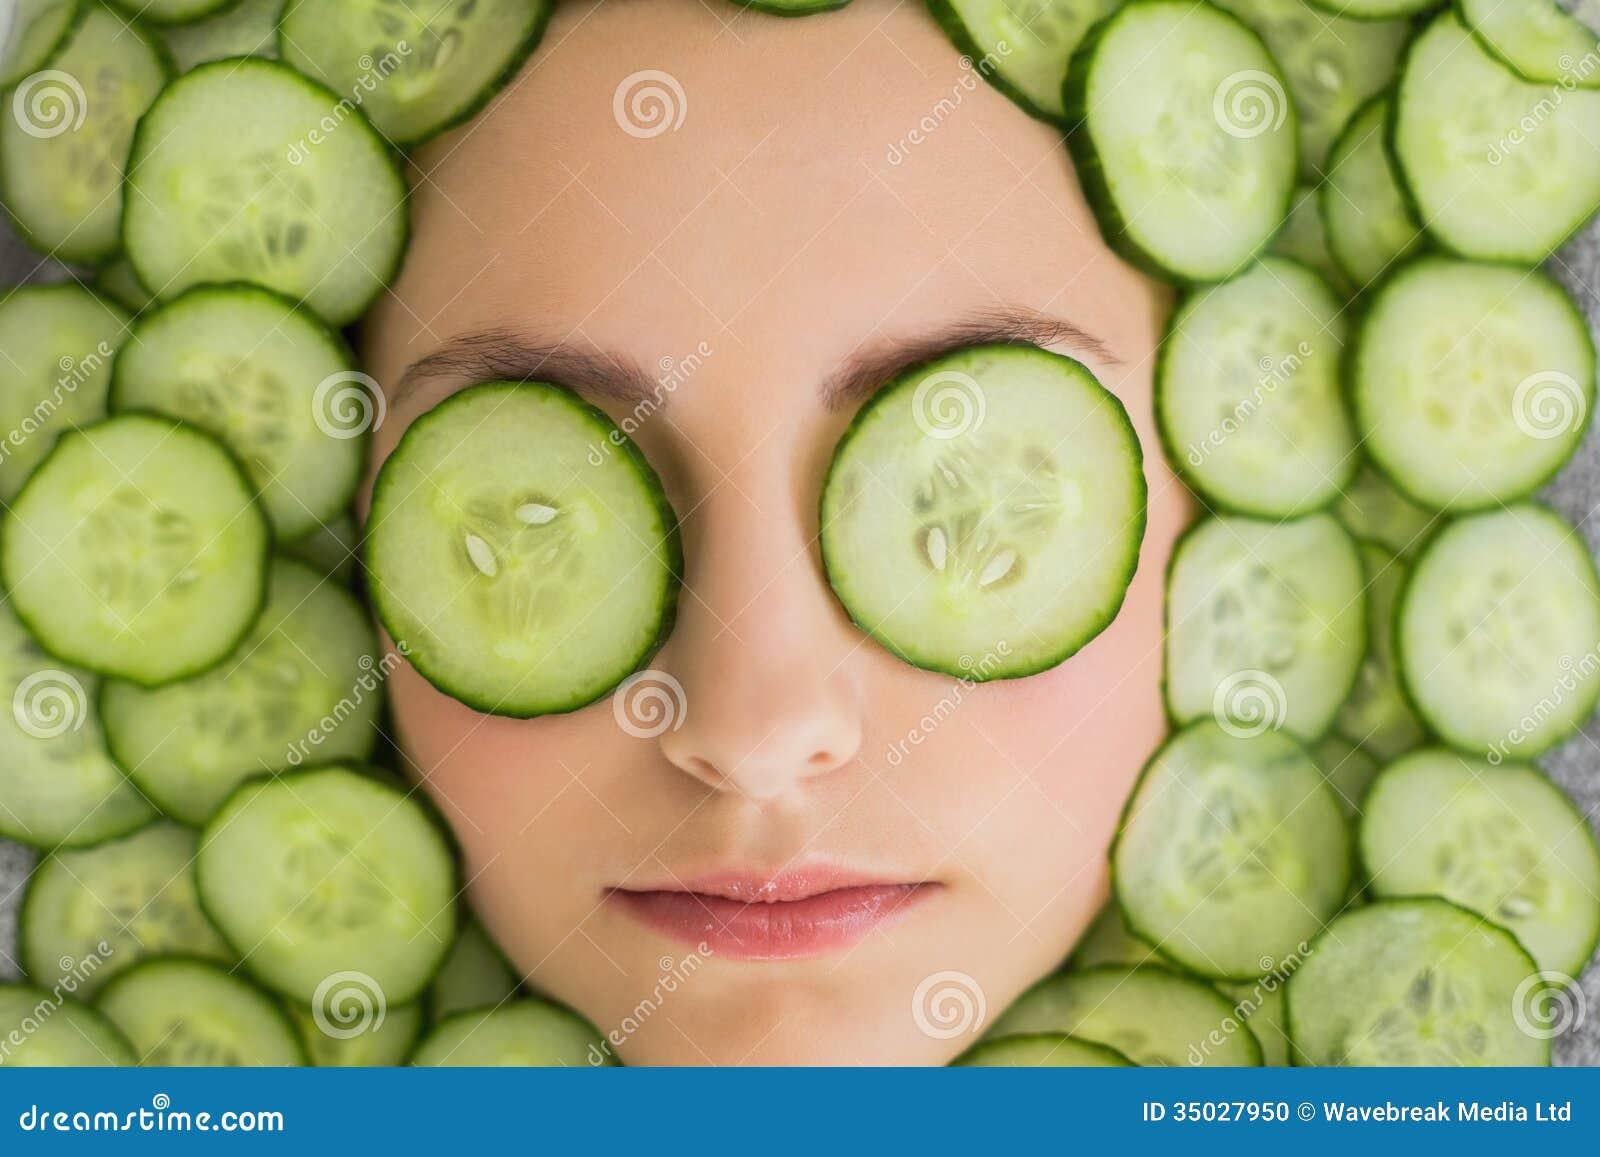 Facial Cucumber 36